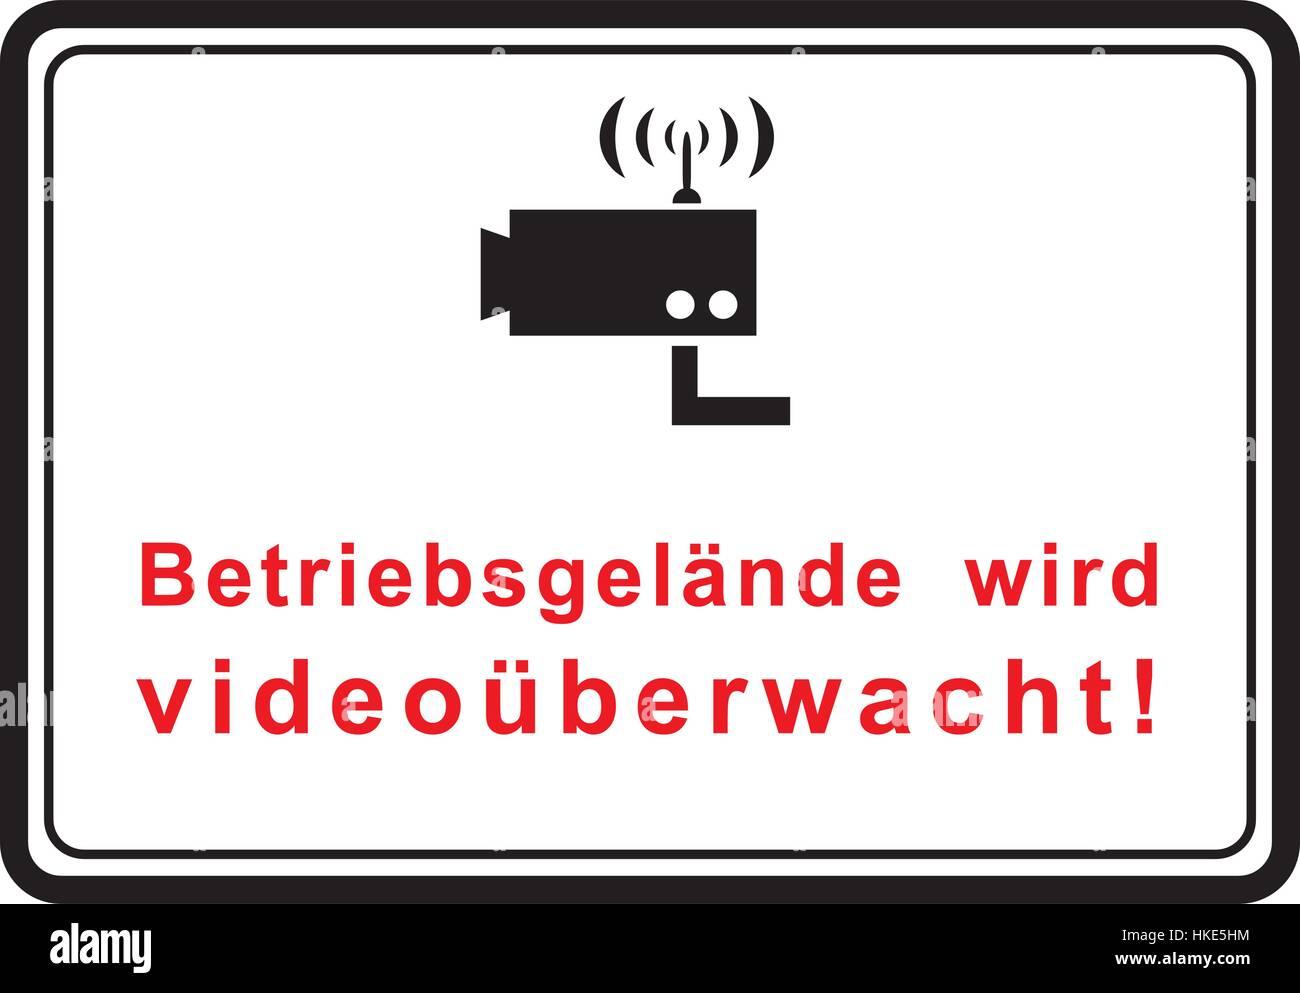 Company premises is video monitored. Betriebsgelände wird videoüberwacht! - Stock Image